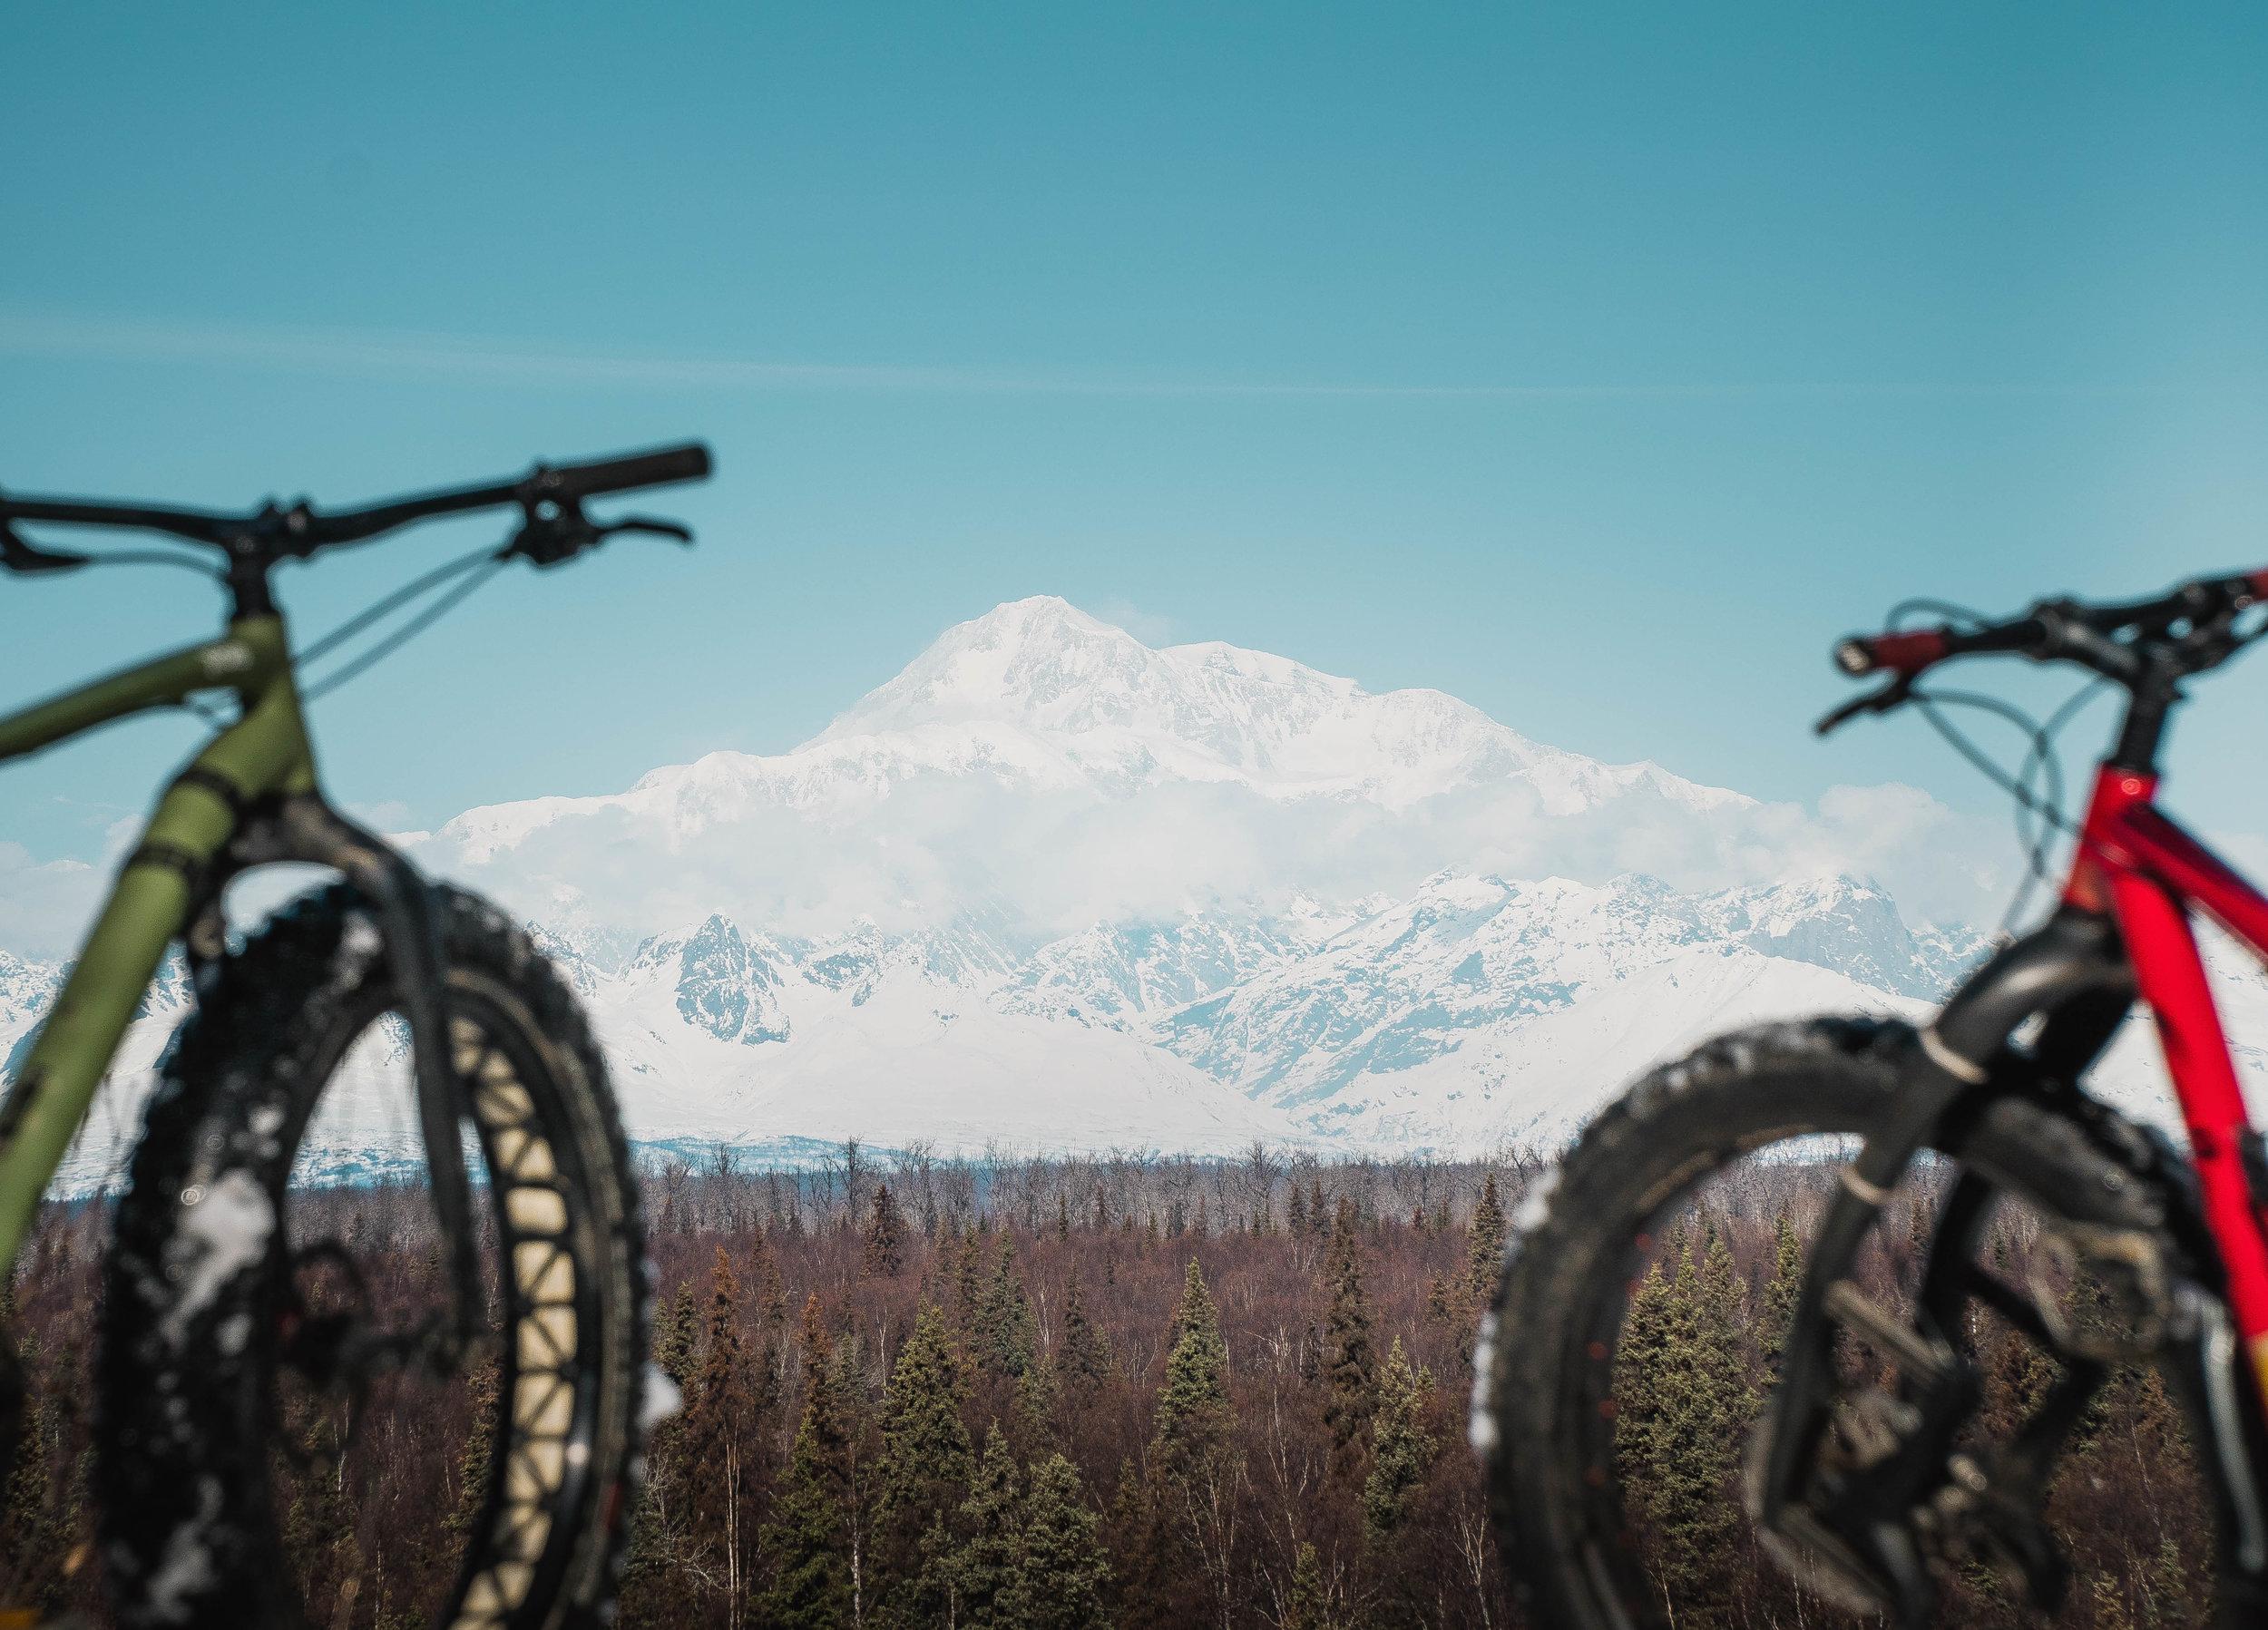 - bicycle rentals